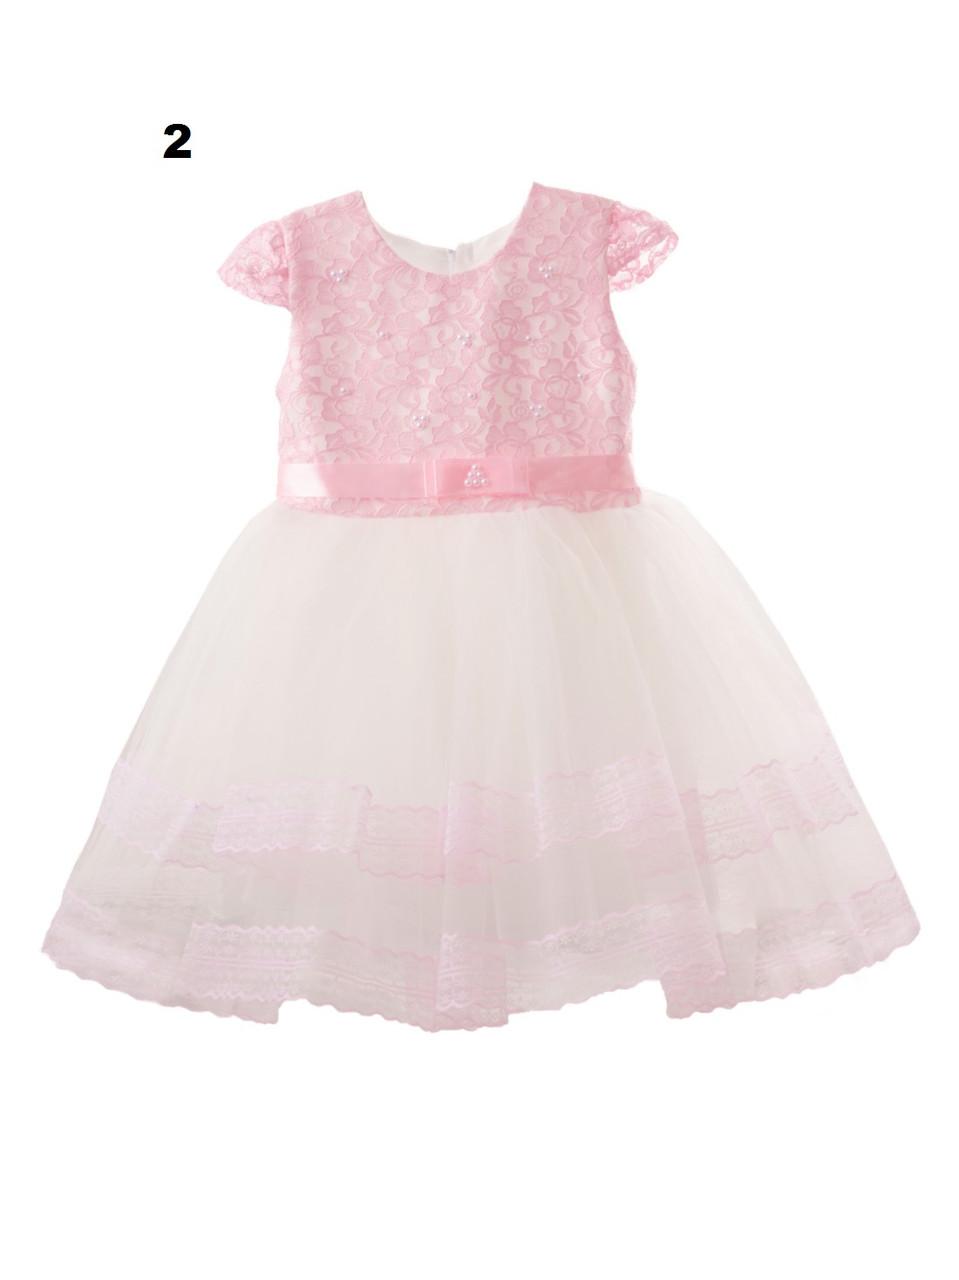 Детское пышное платье на девочку, в расцветках, р.92-98